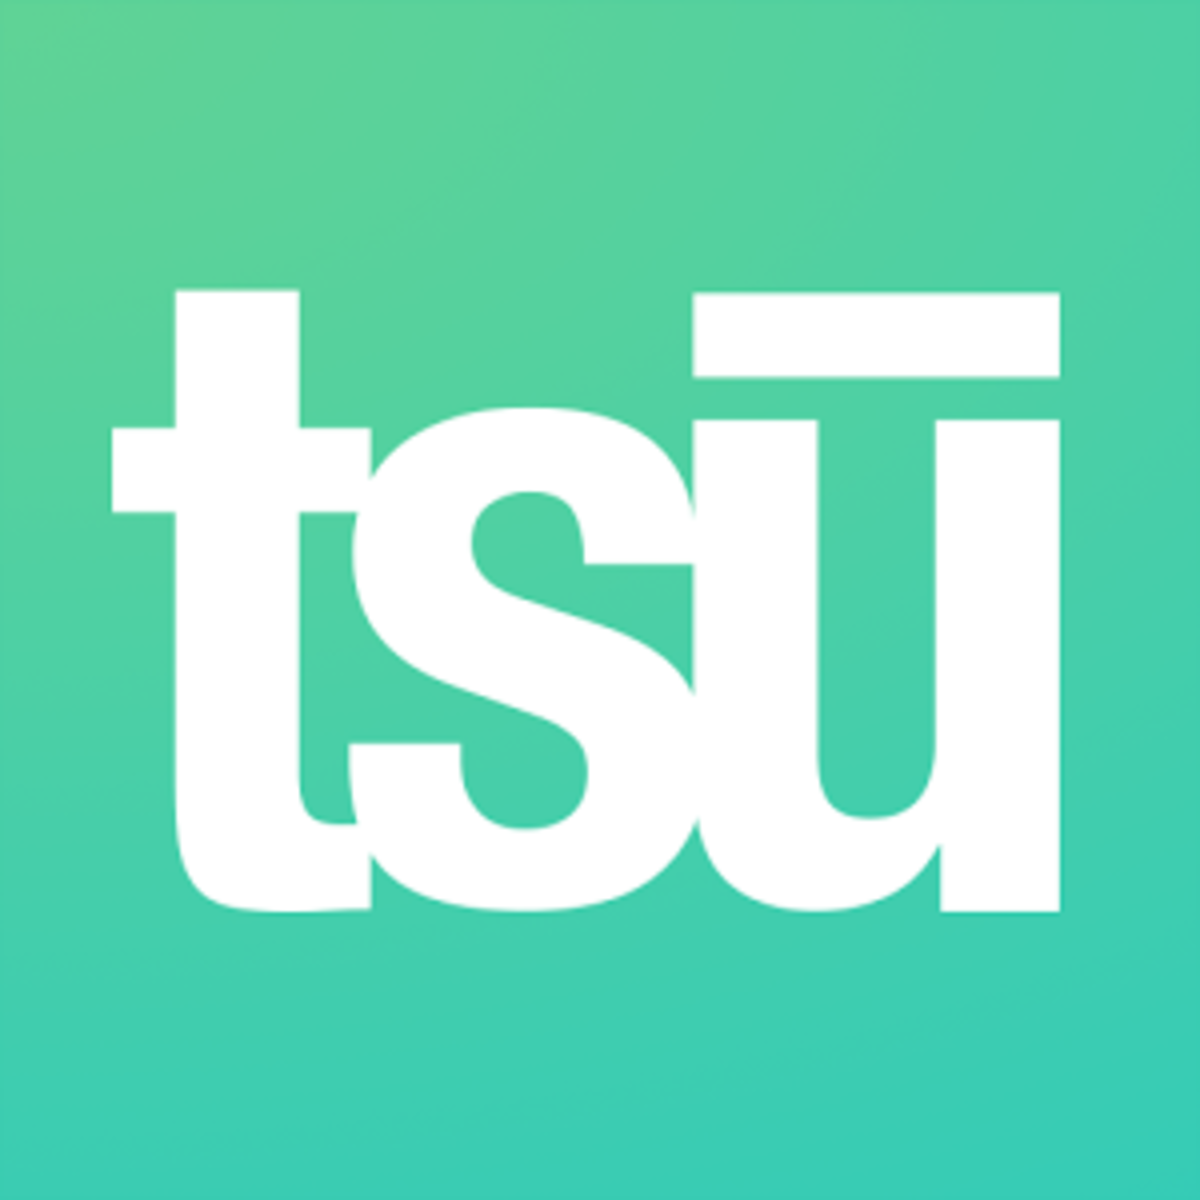 Tsu Logo PNG - 38315